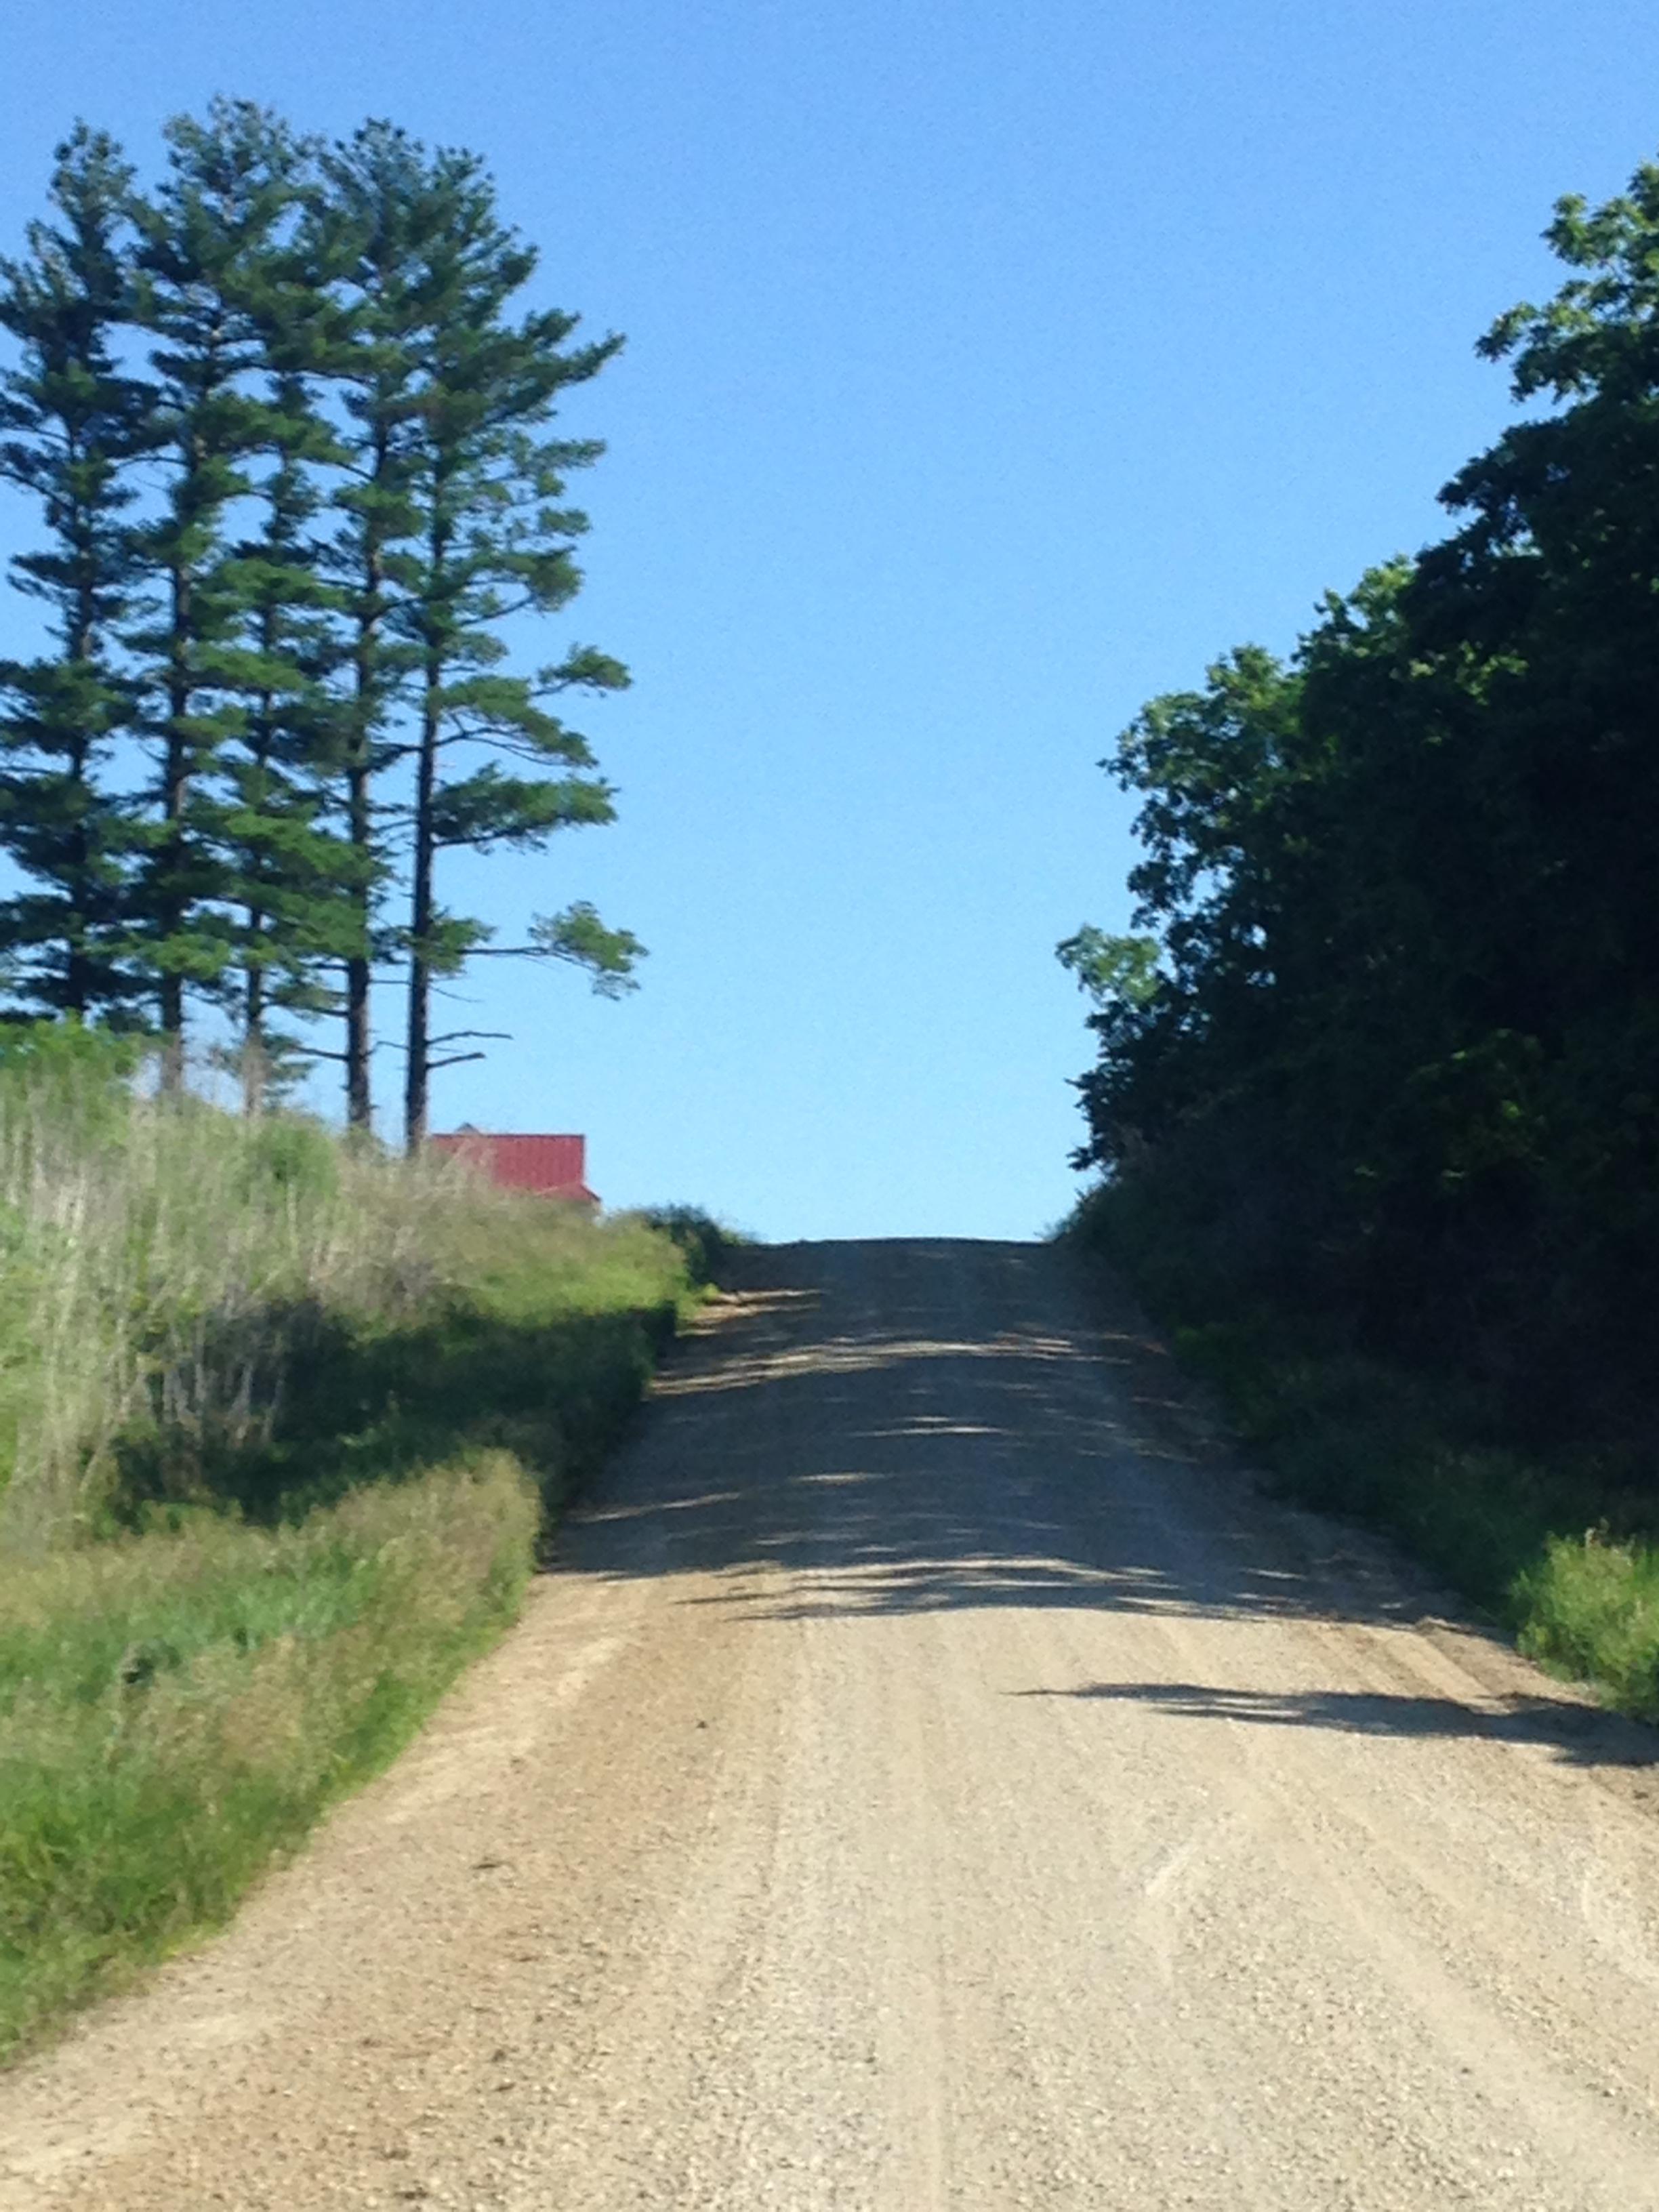 The-Gravel-Road-Ashlee-Loves.jpg